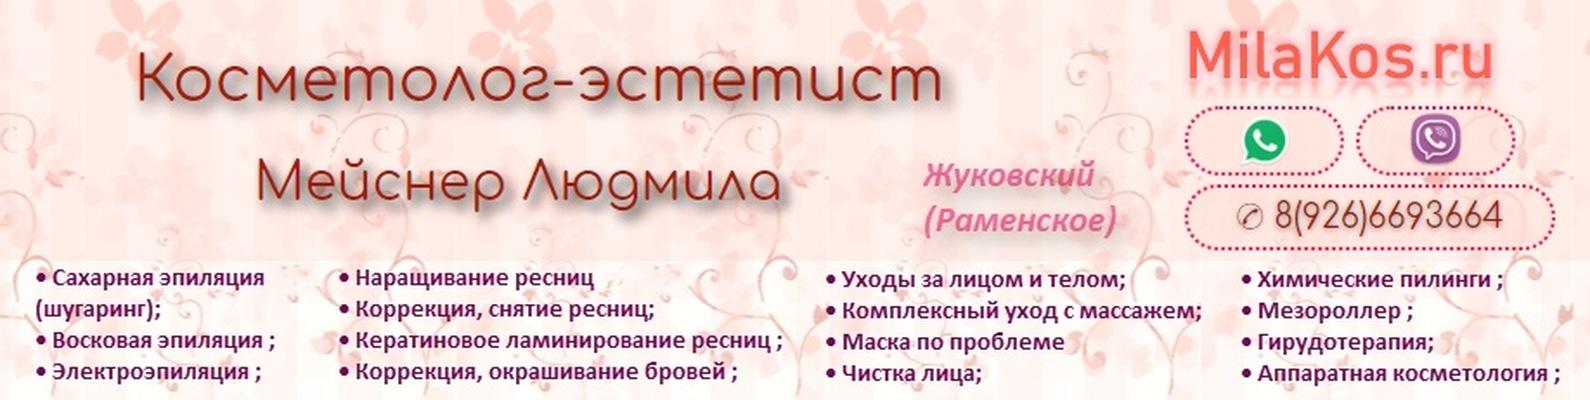 Чистка Лица Жуковский